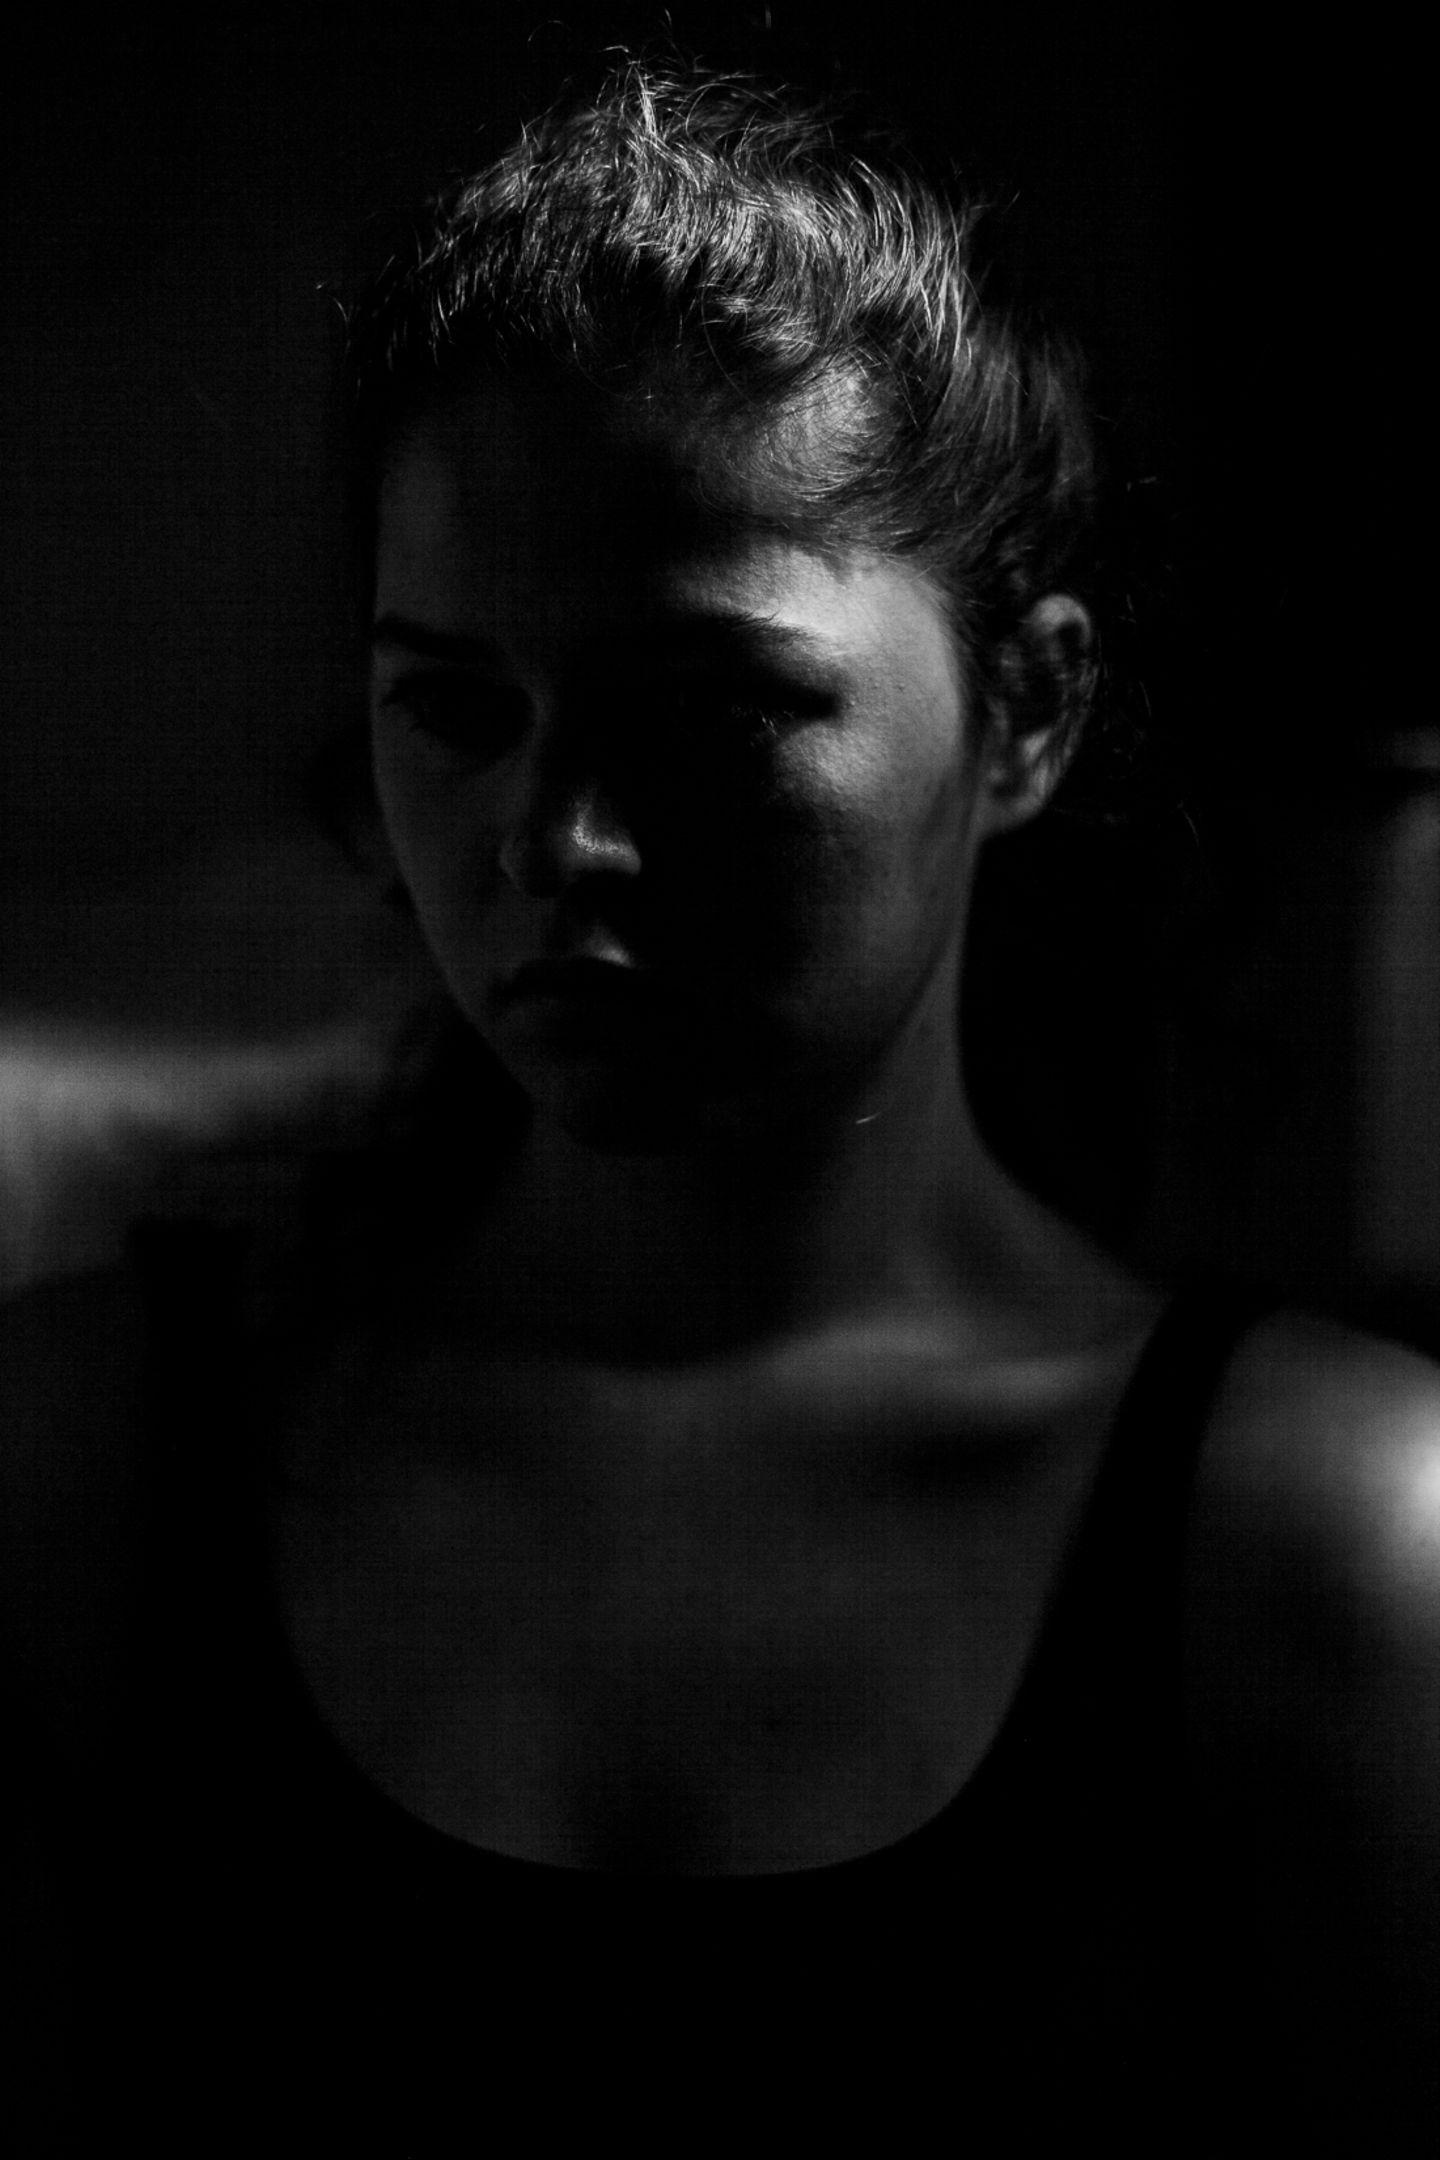 Natürlich sind auch Lauras Bilder inszeniert. Doch anders als das, was wir für gewöhnlich bei Instagram oder Facebook sehen, zeigen ihre Aufnahmen die unschönen Seiten des Lebens. Die Bilder fördern einen offenen Dialog über psychische Krankheiten. Und das könnte Leben retten.